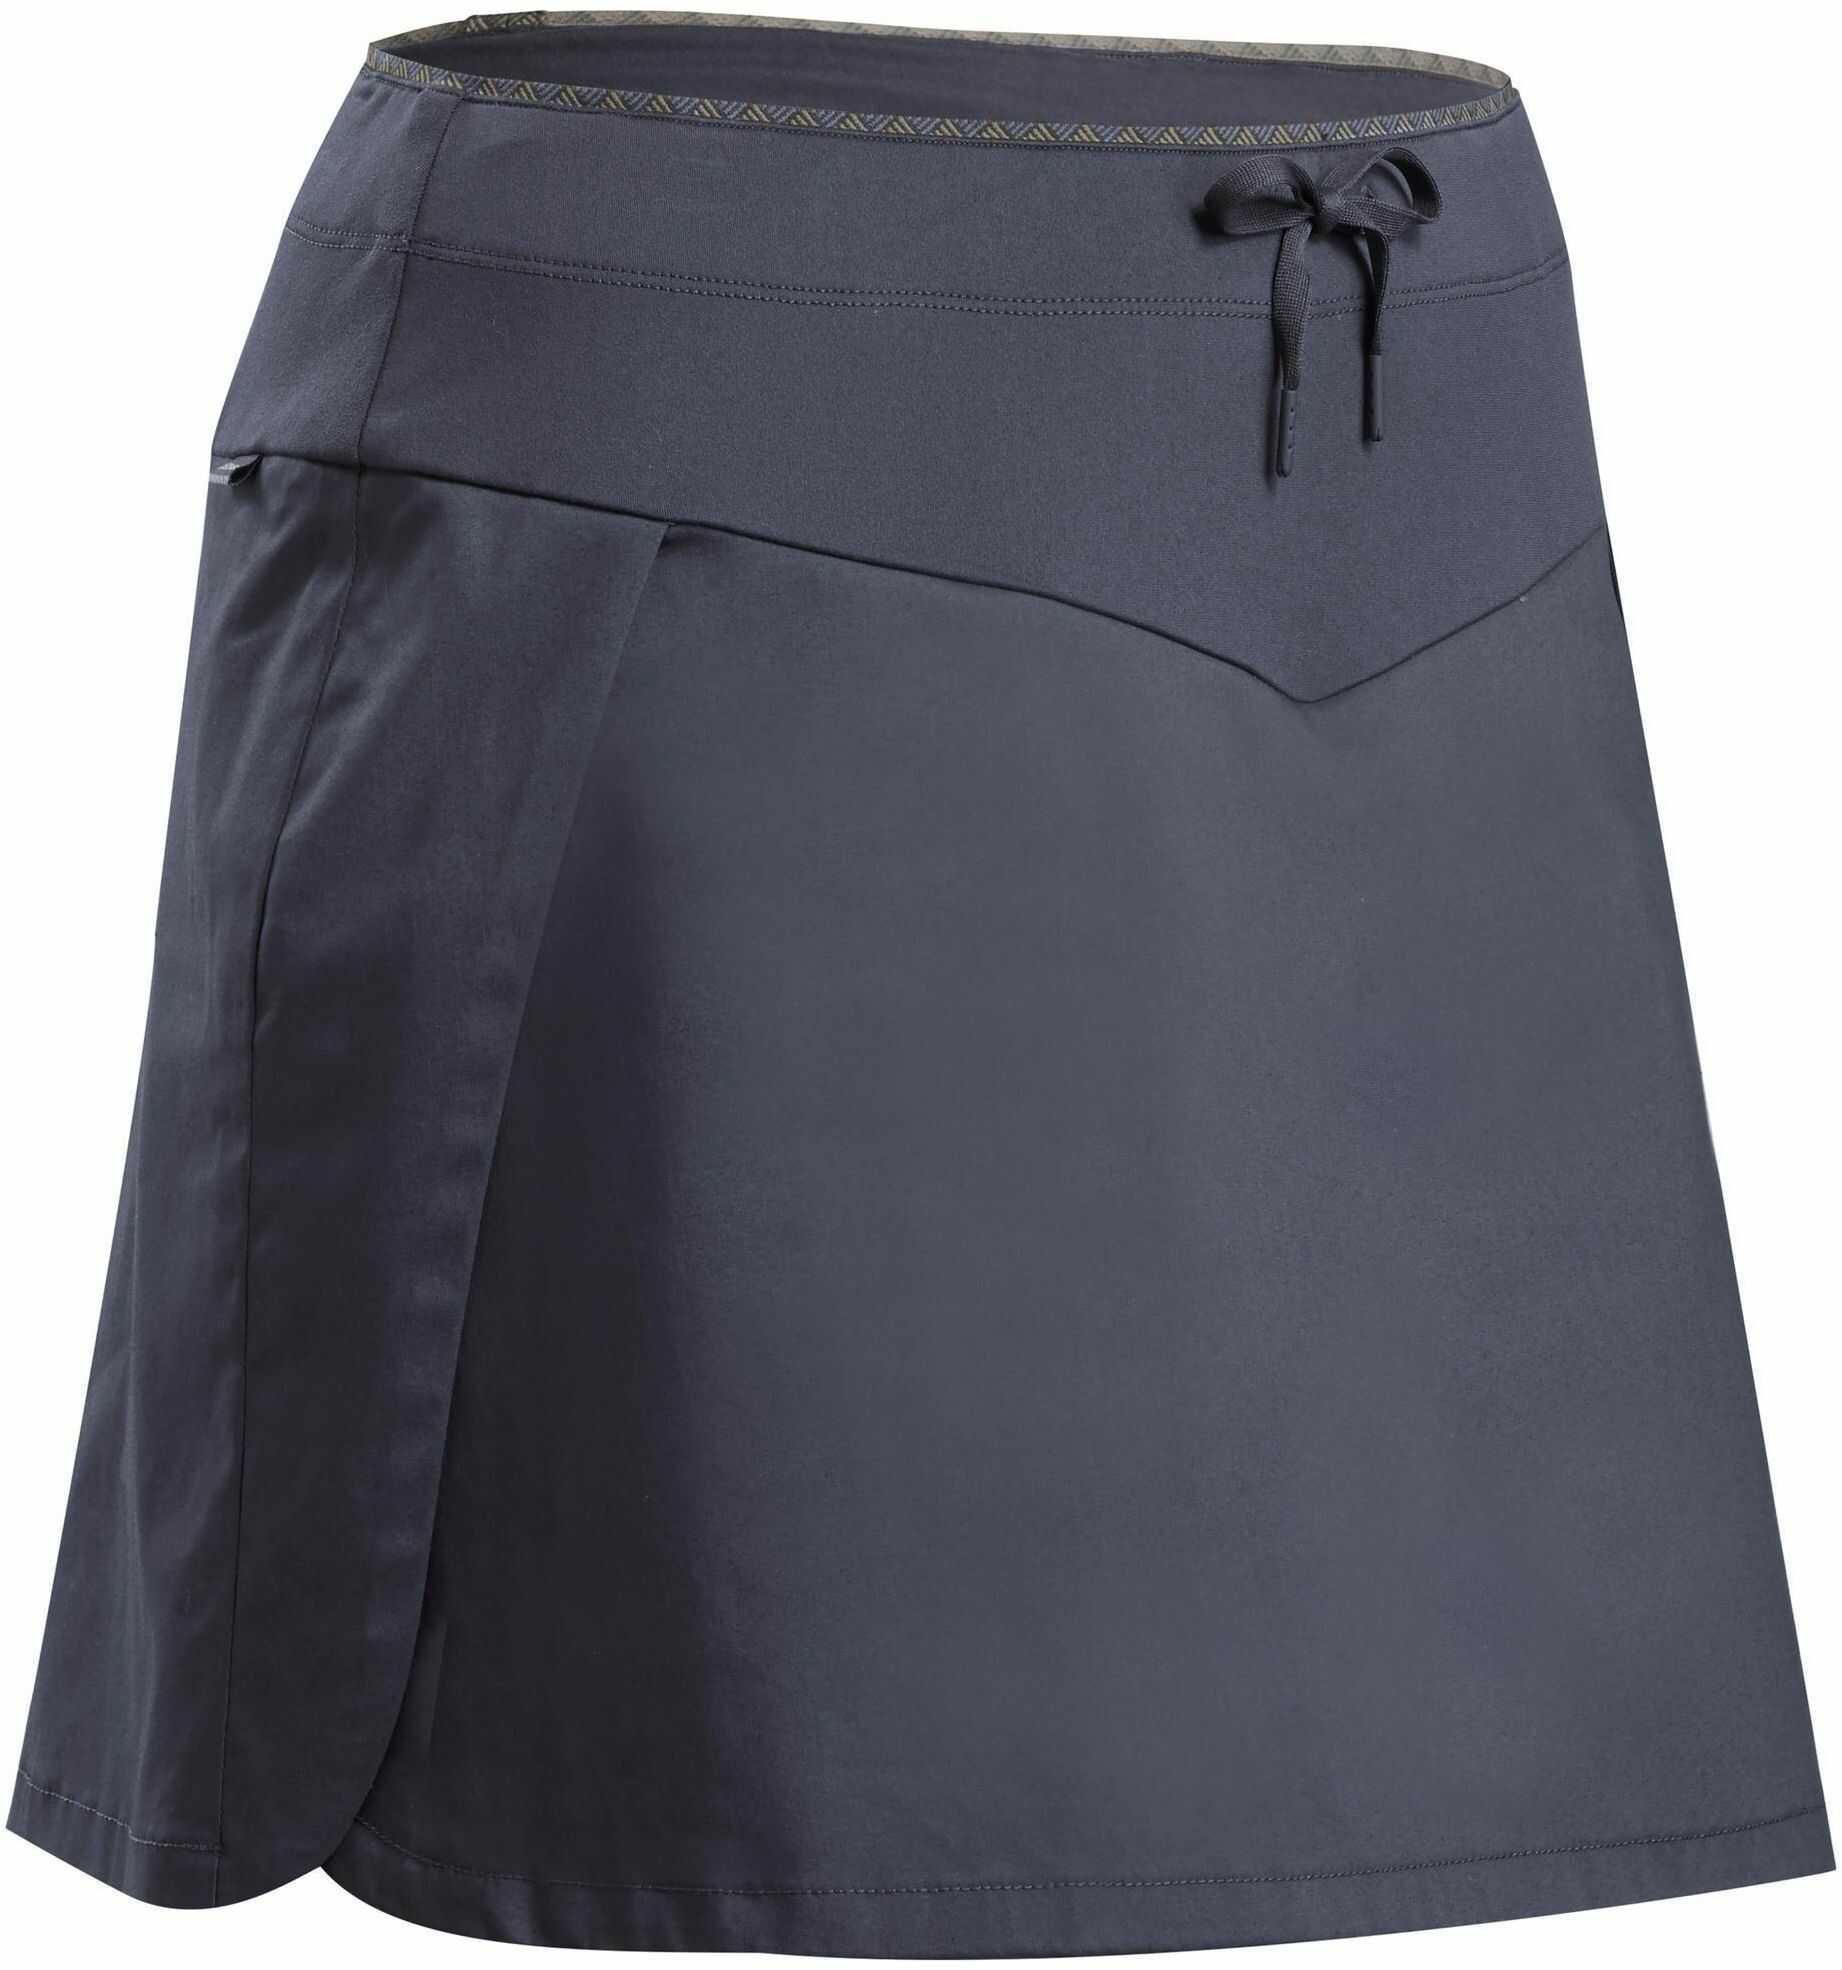 Spódnico-spodenki turystyczne NH500 damskie